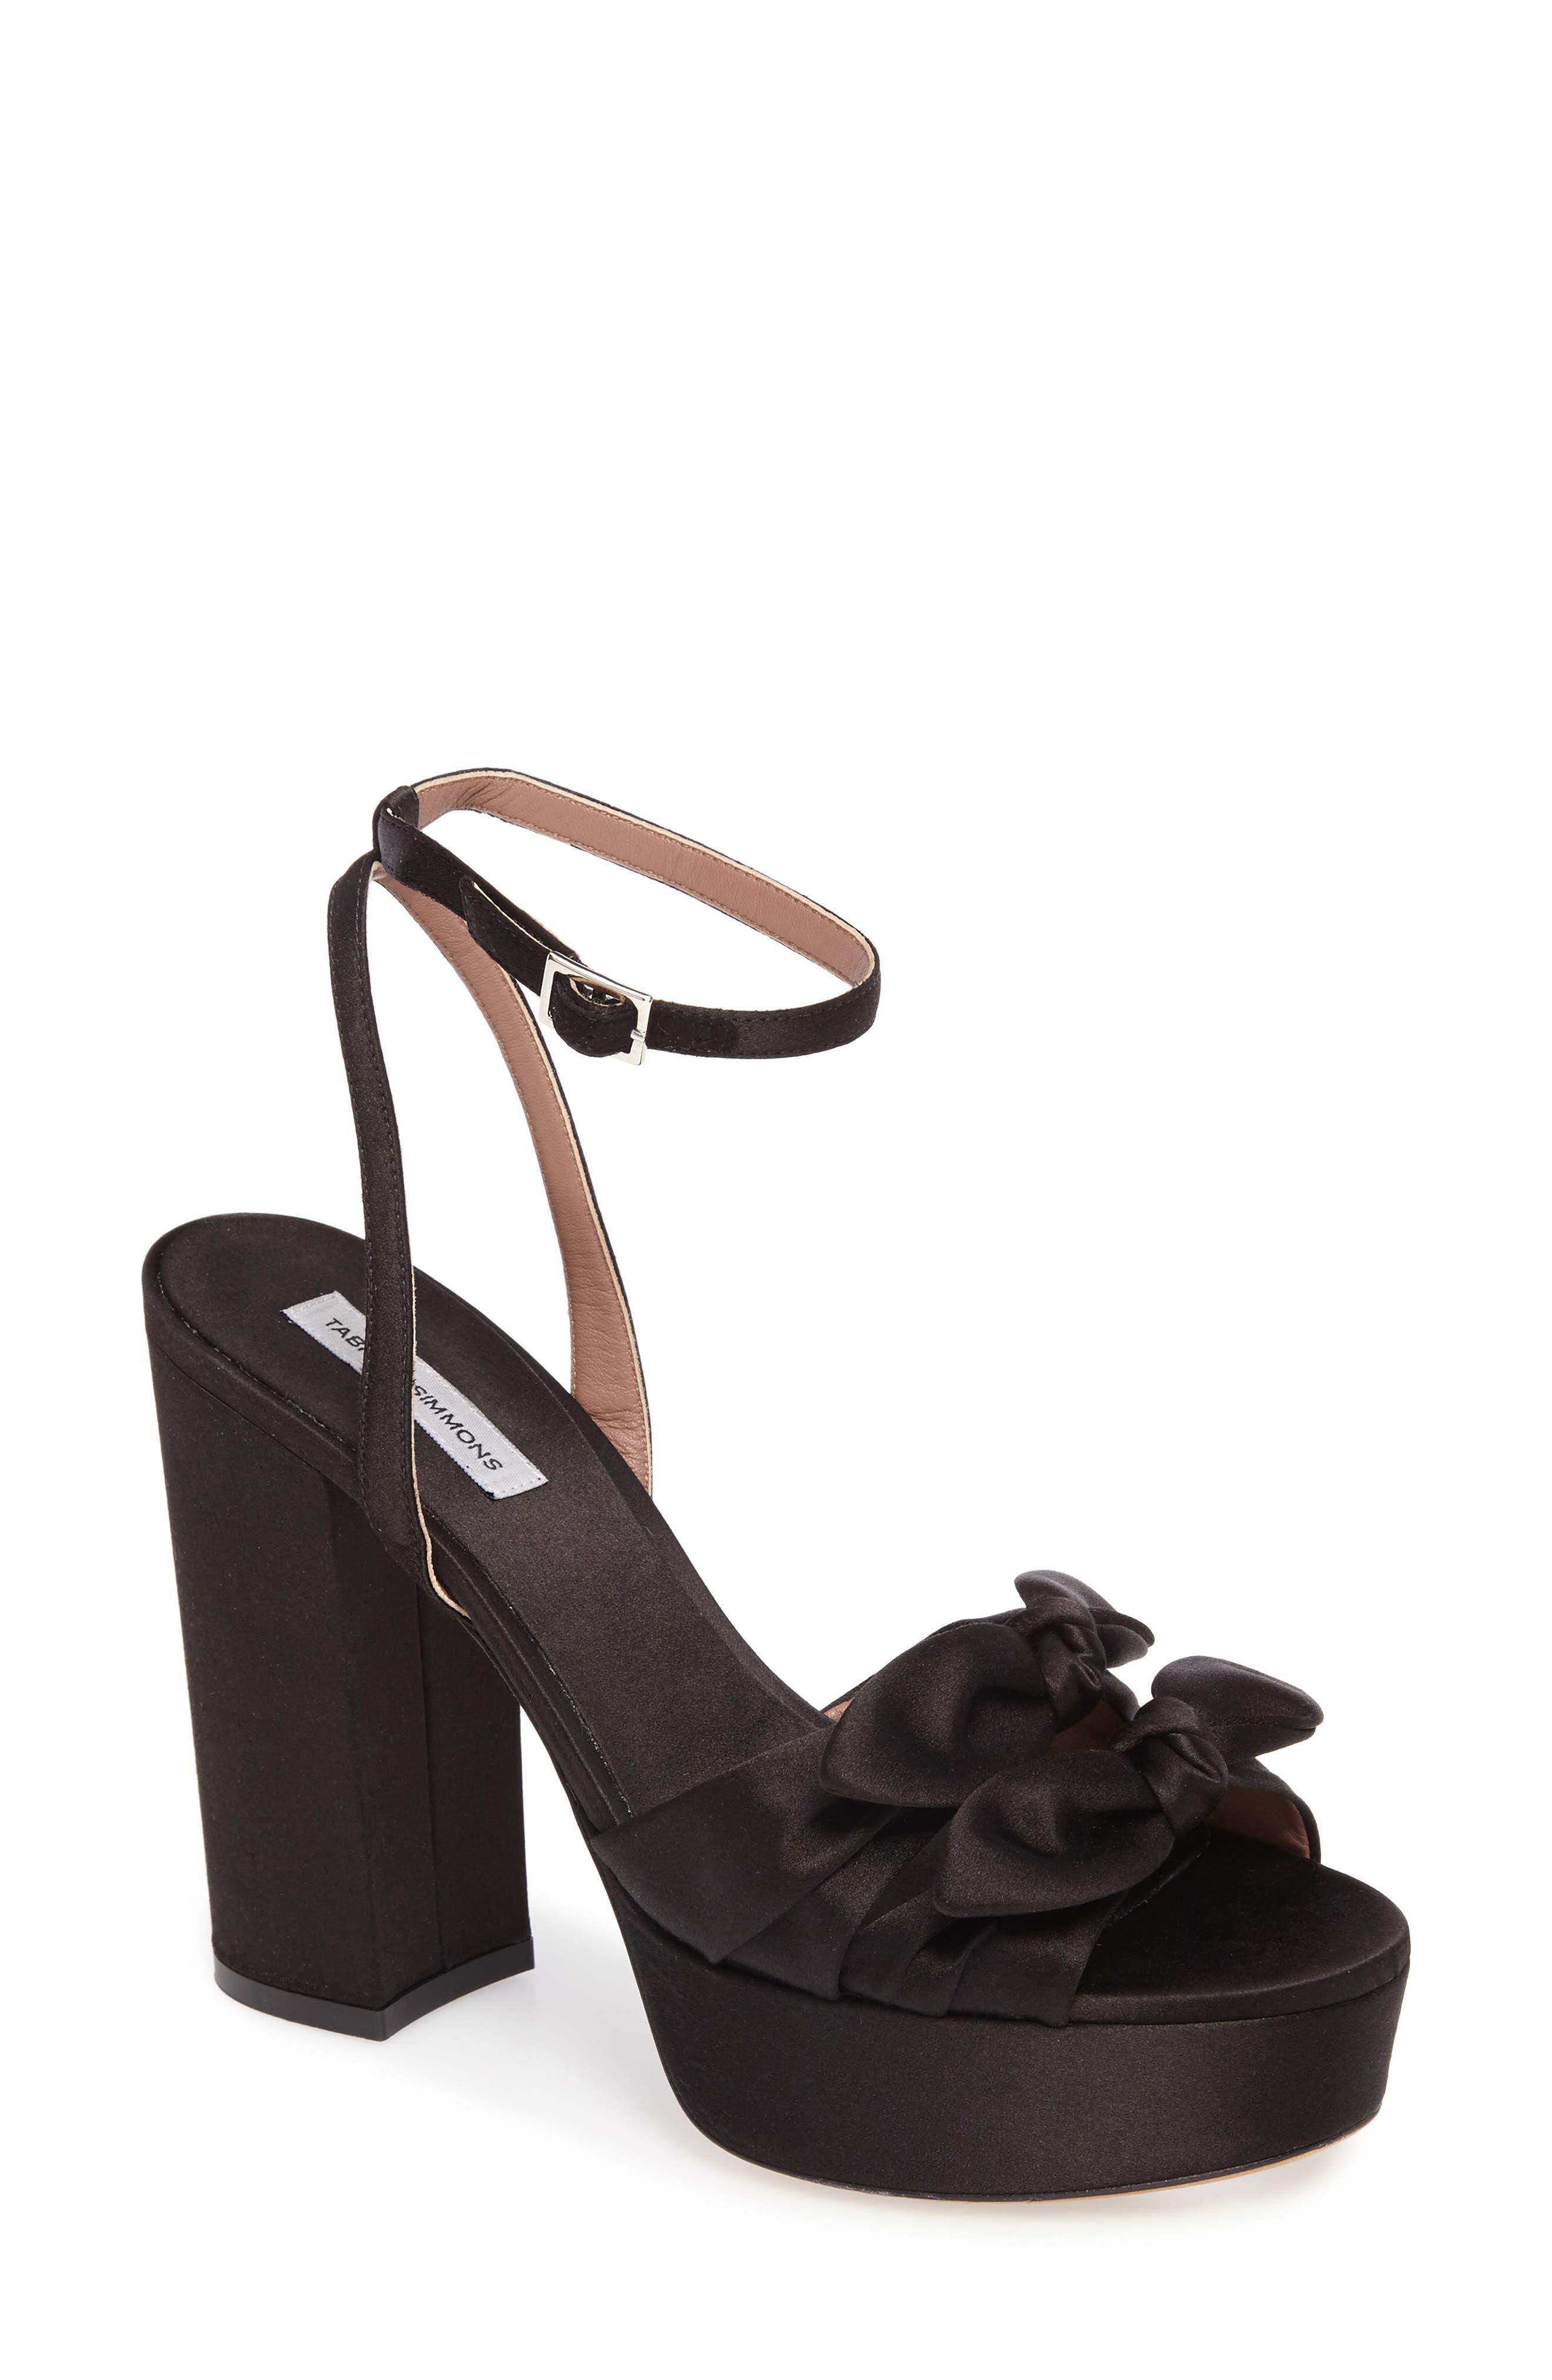 Jodie Platform Sandal,                             Main thumbnail 1, color,                             001